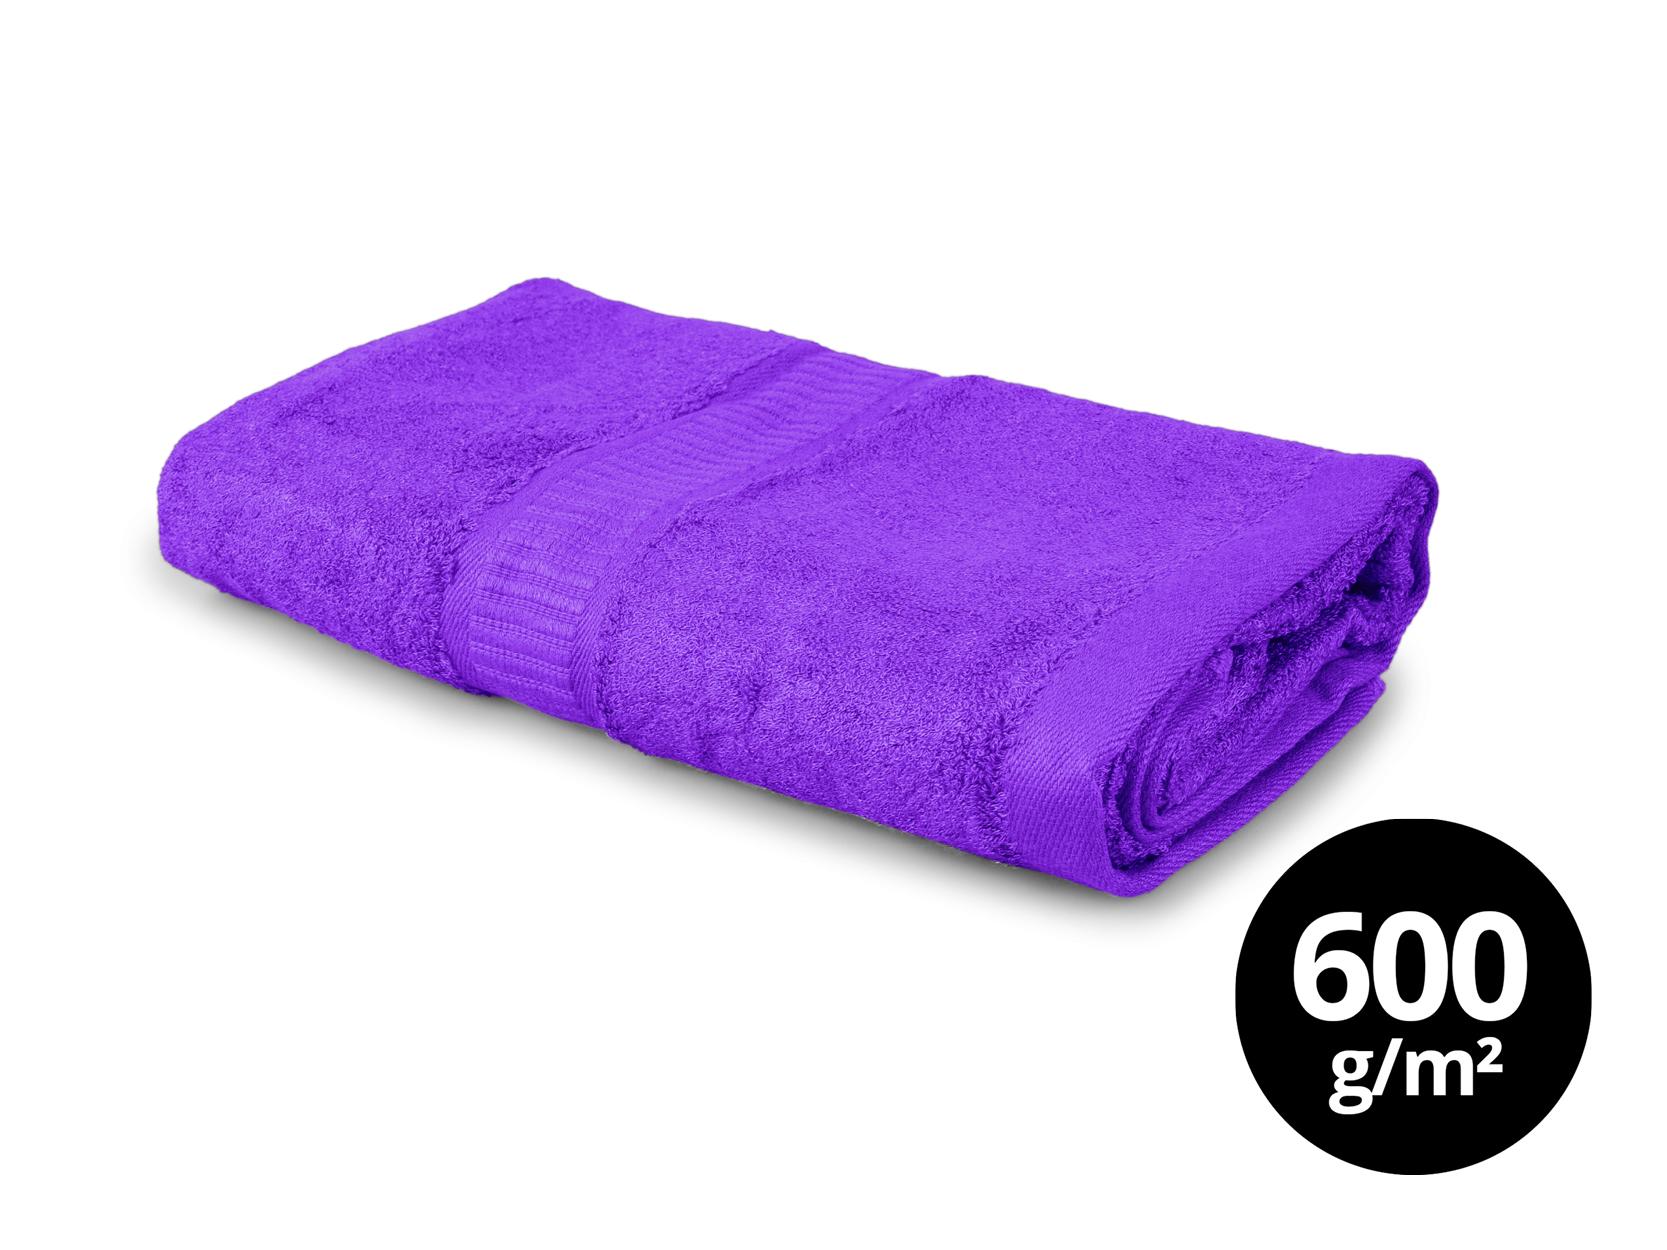 BAMBOO velký ručník  s elegantní bordurou fialový